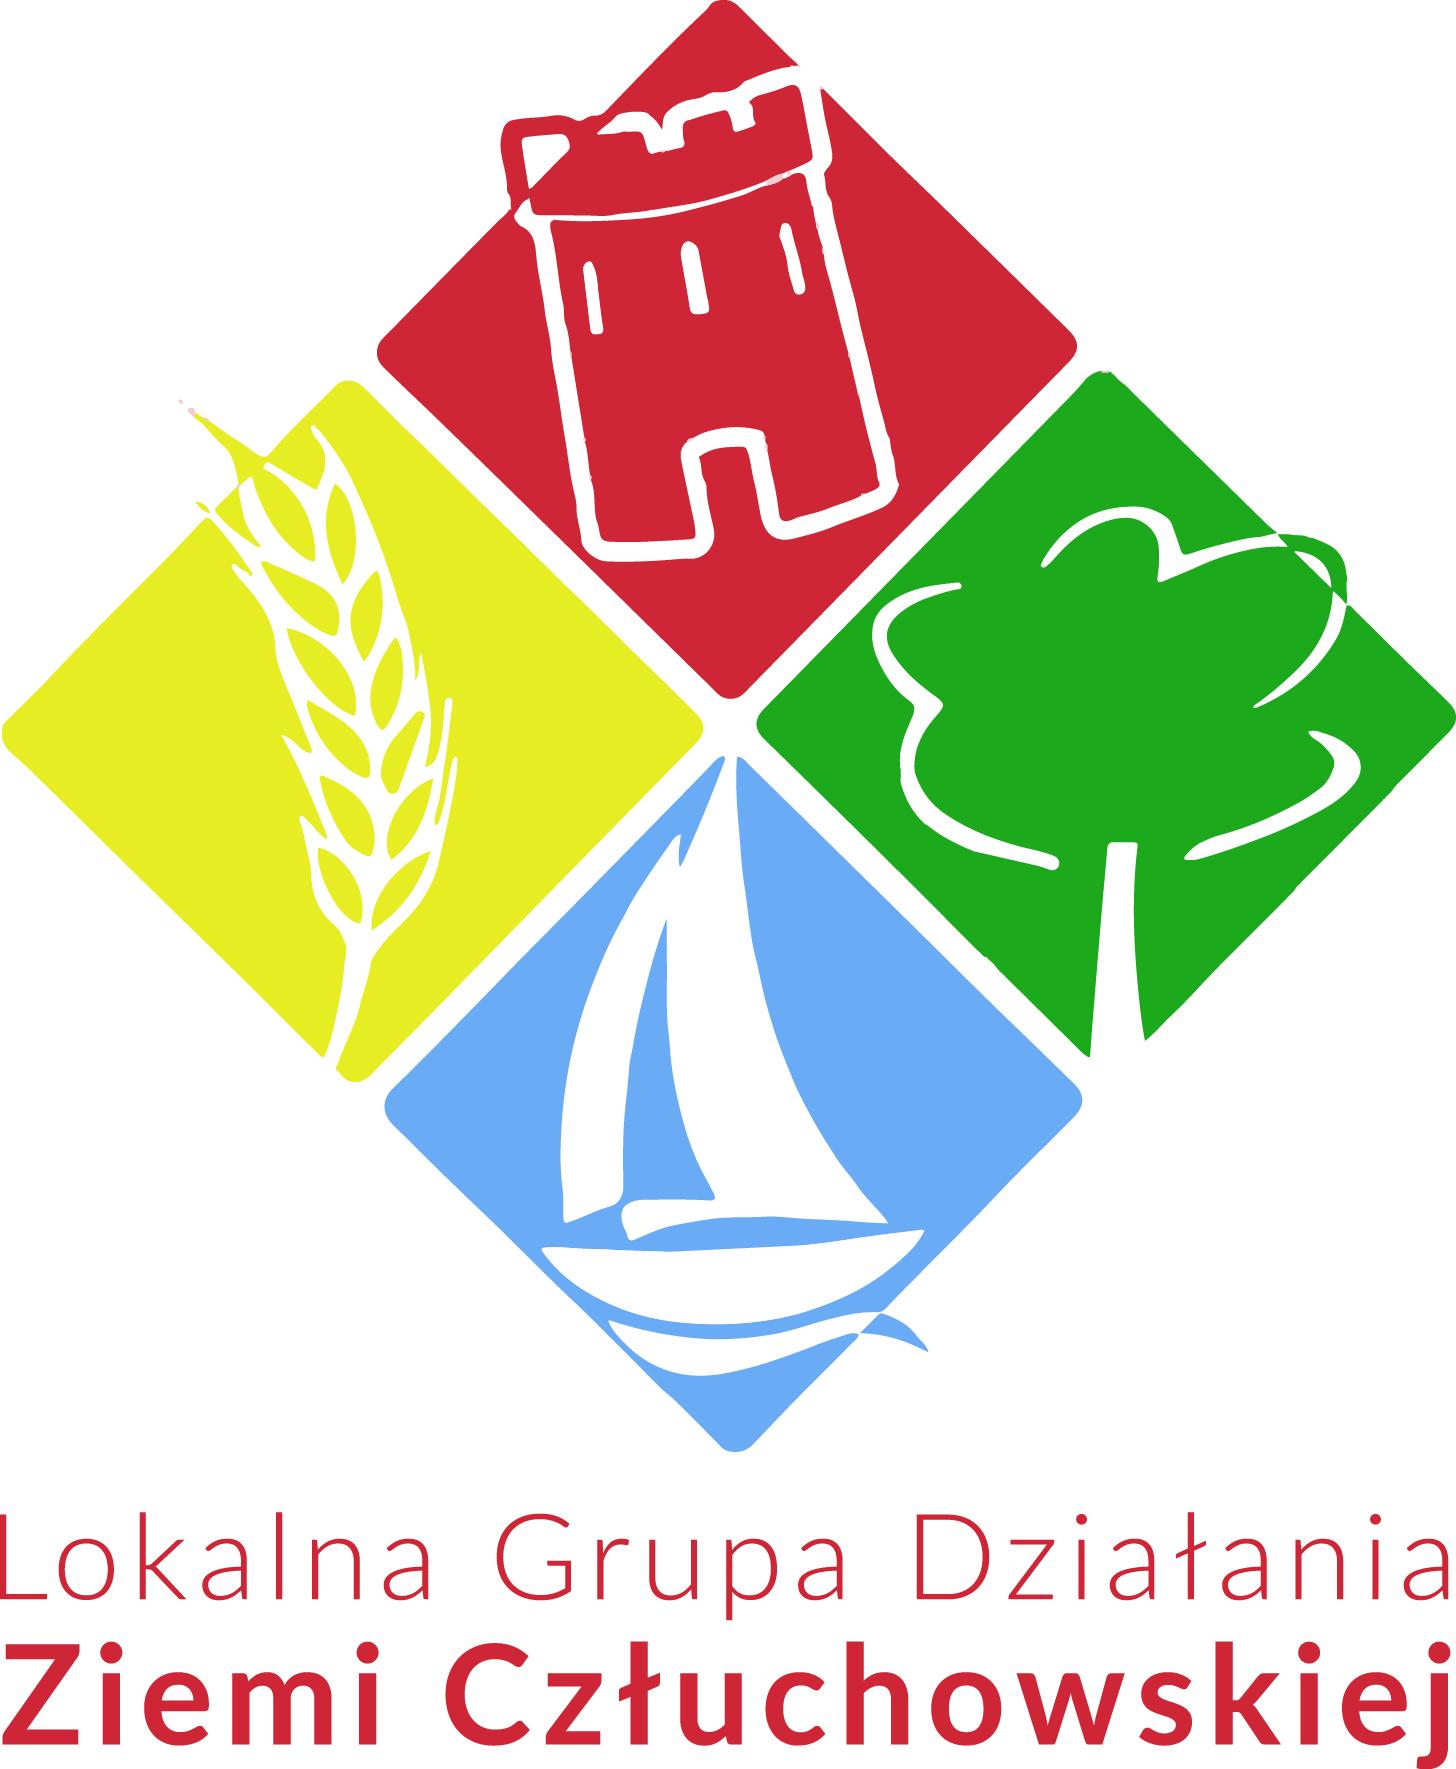 Lokalna Grupa Działania Ziemi Człuchowskiej